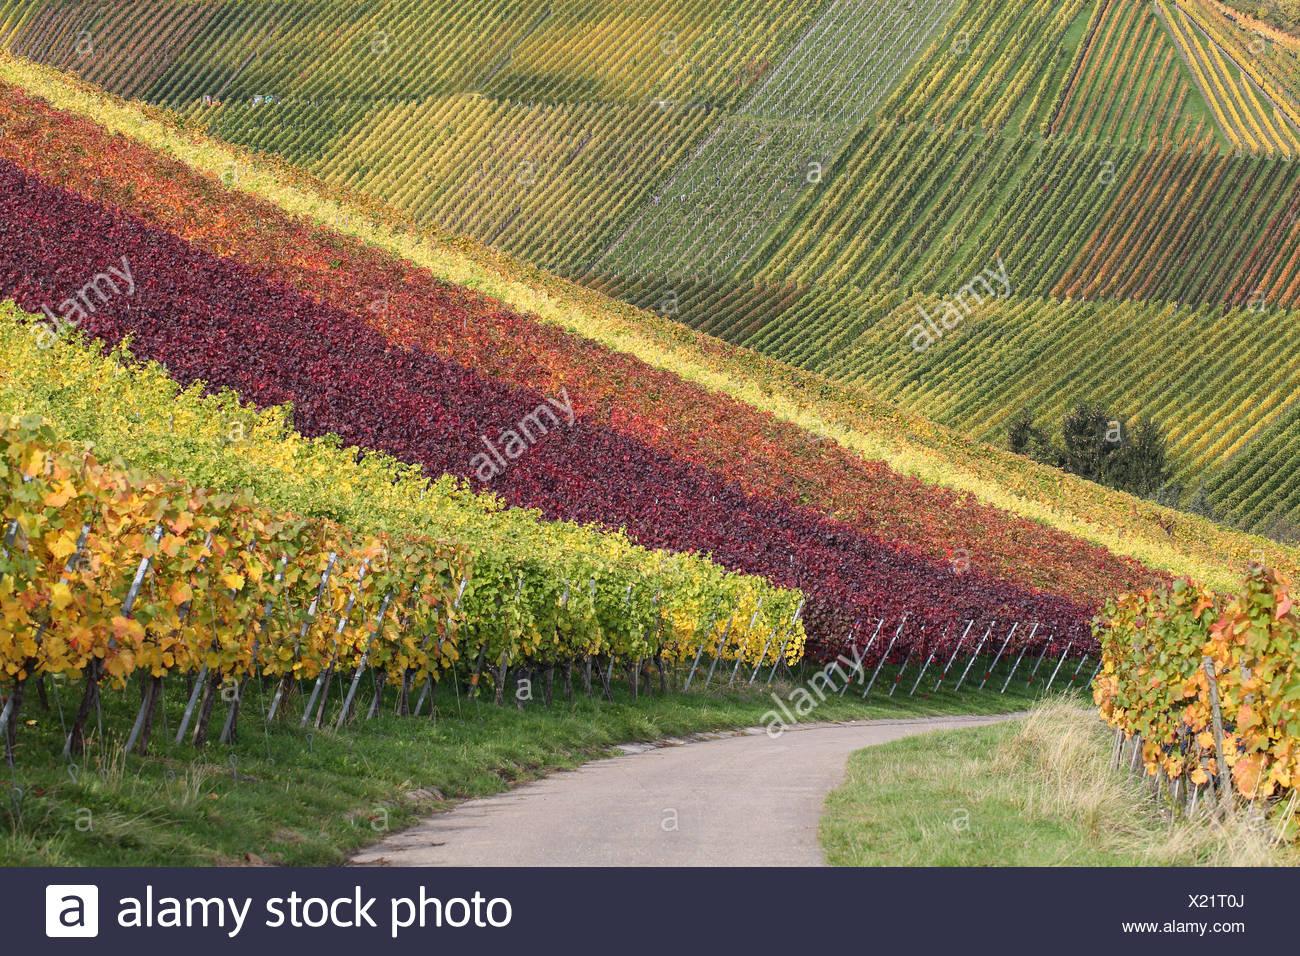 Weinberge Mit Weintrauben Im Herbst Landschaft Stockbild